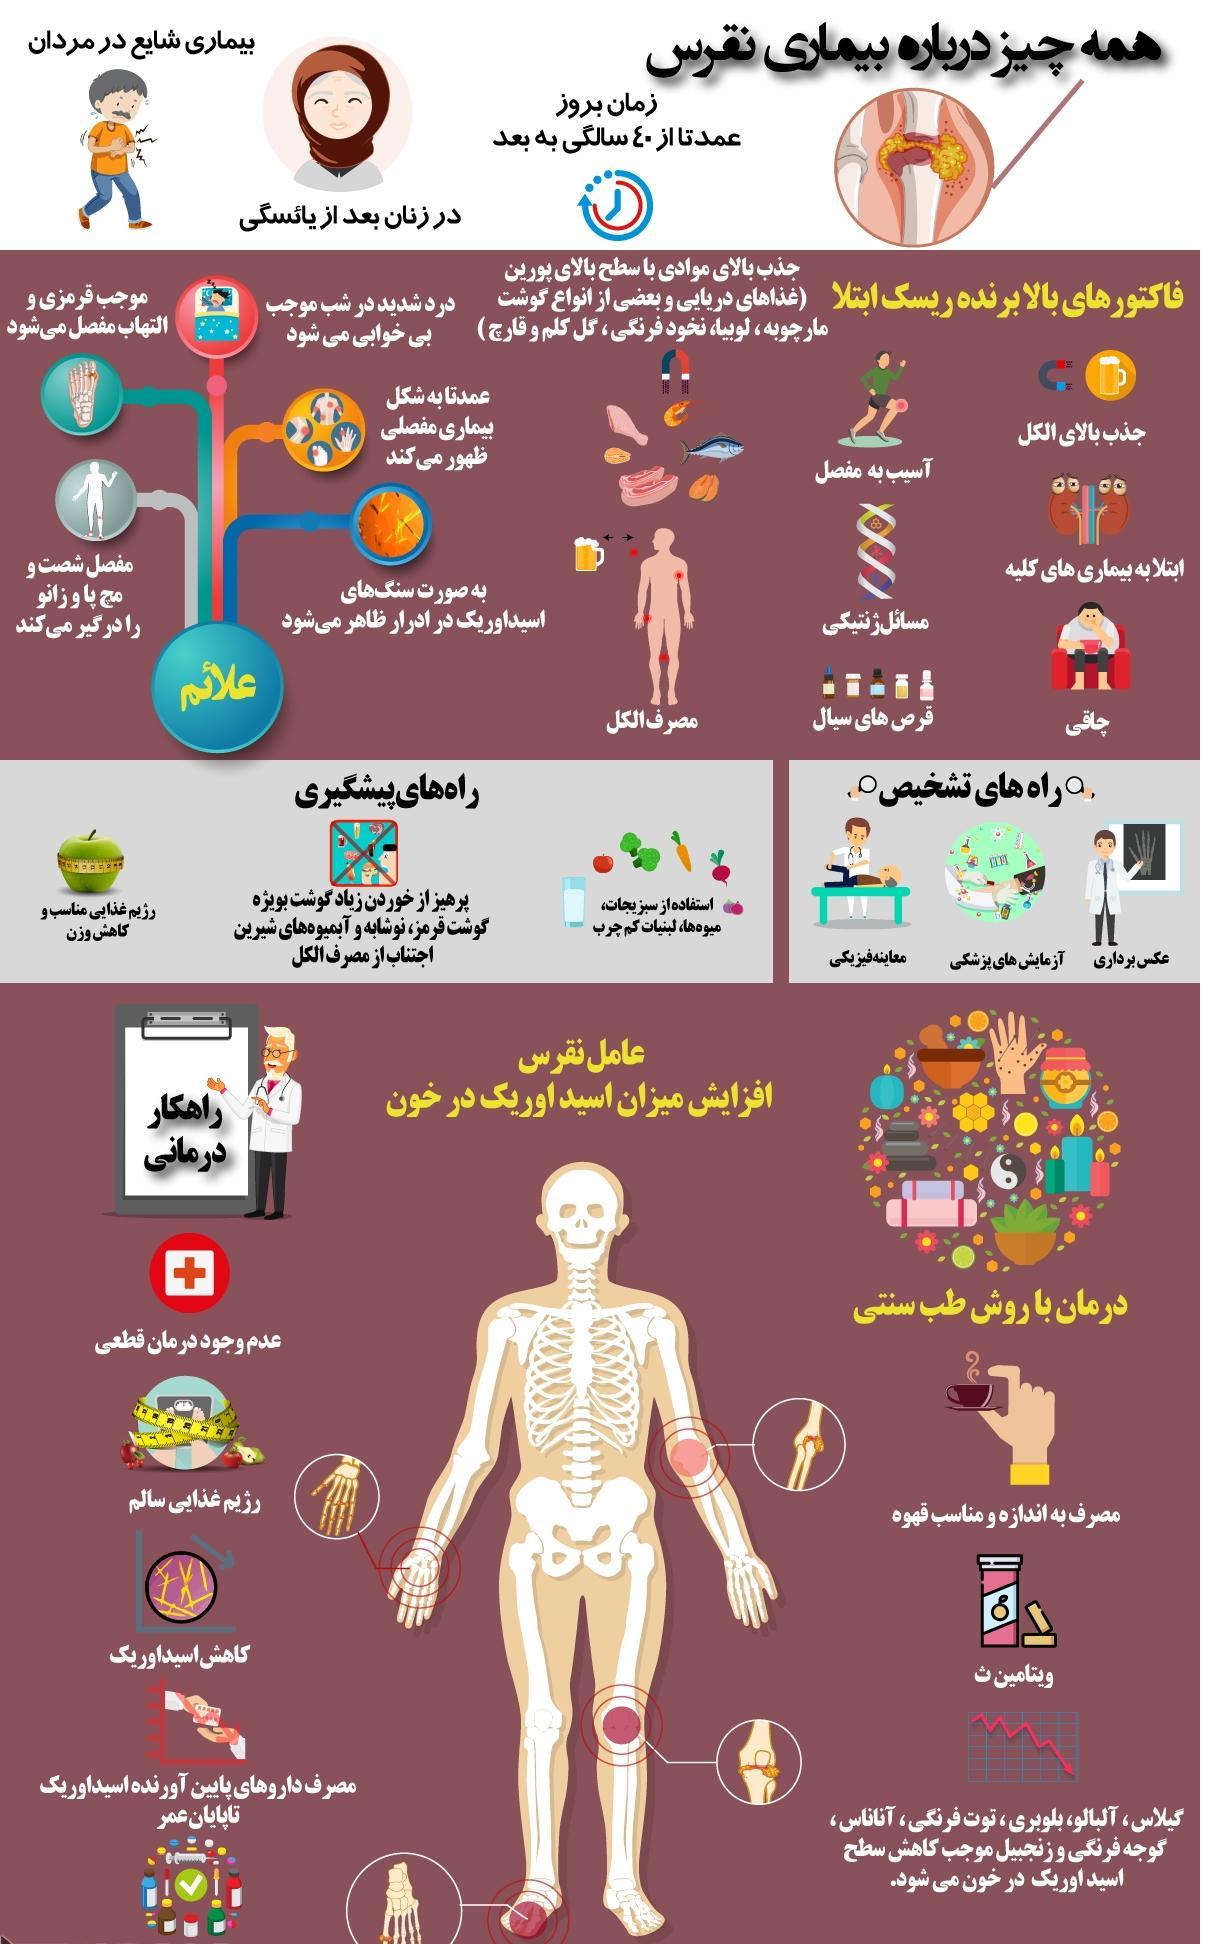 هر آنچه از بیماری نقرس باید بدانید +اینفوگرافی